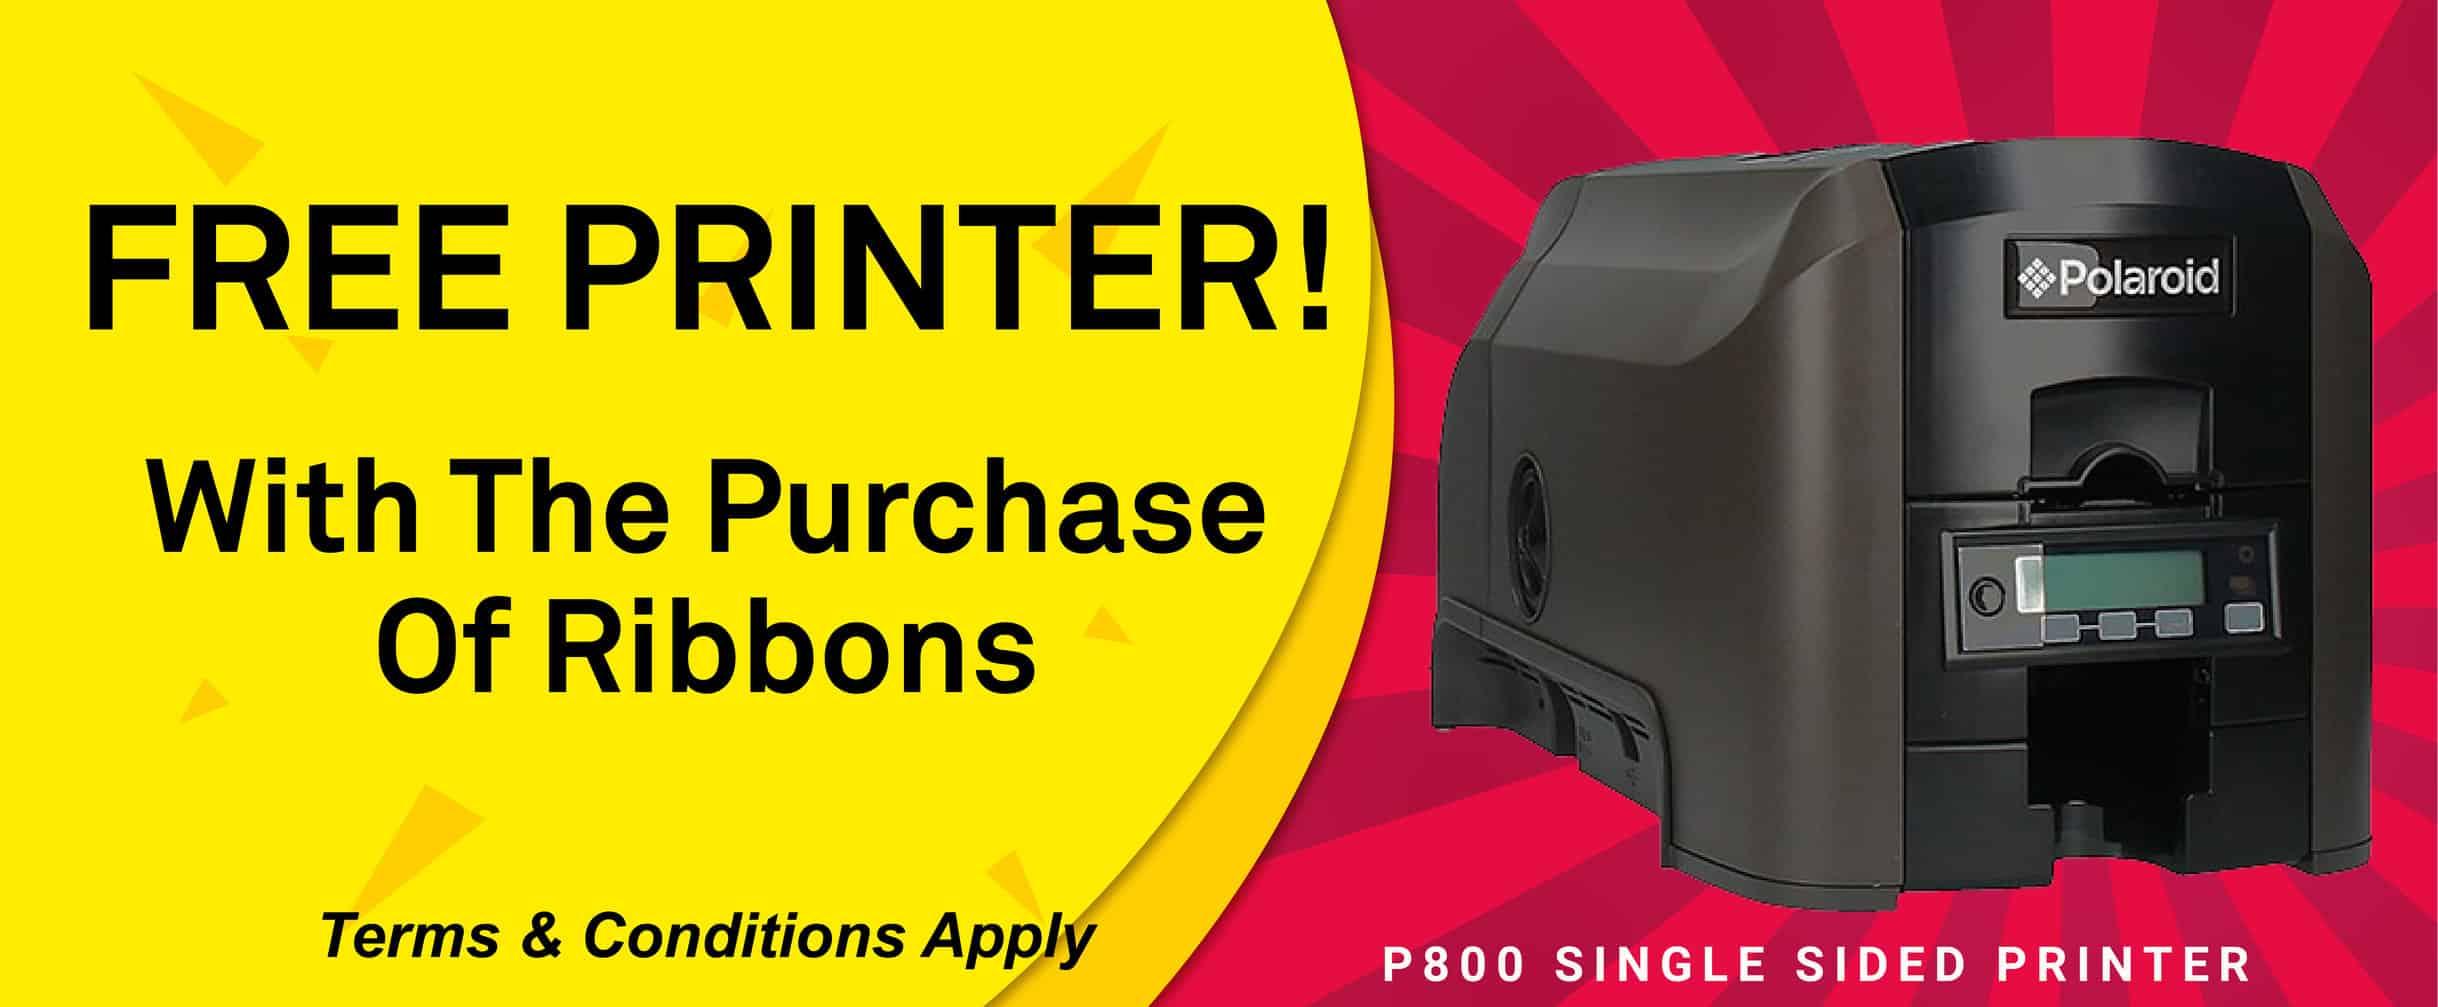 rsz_web_free_printer1